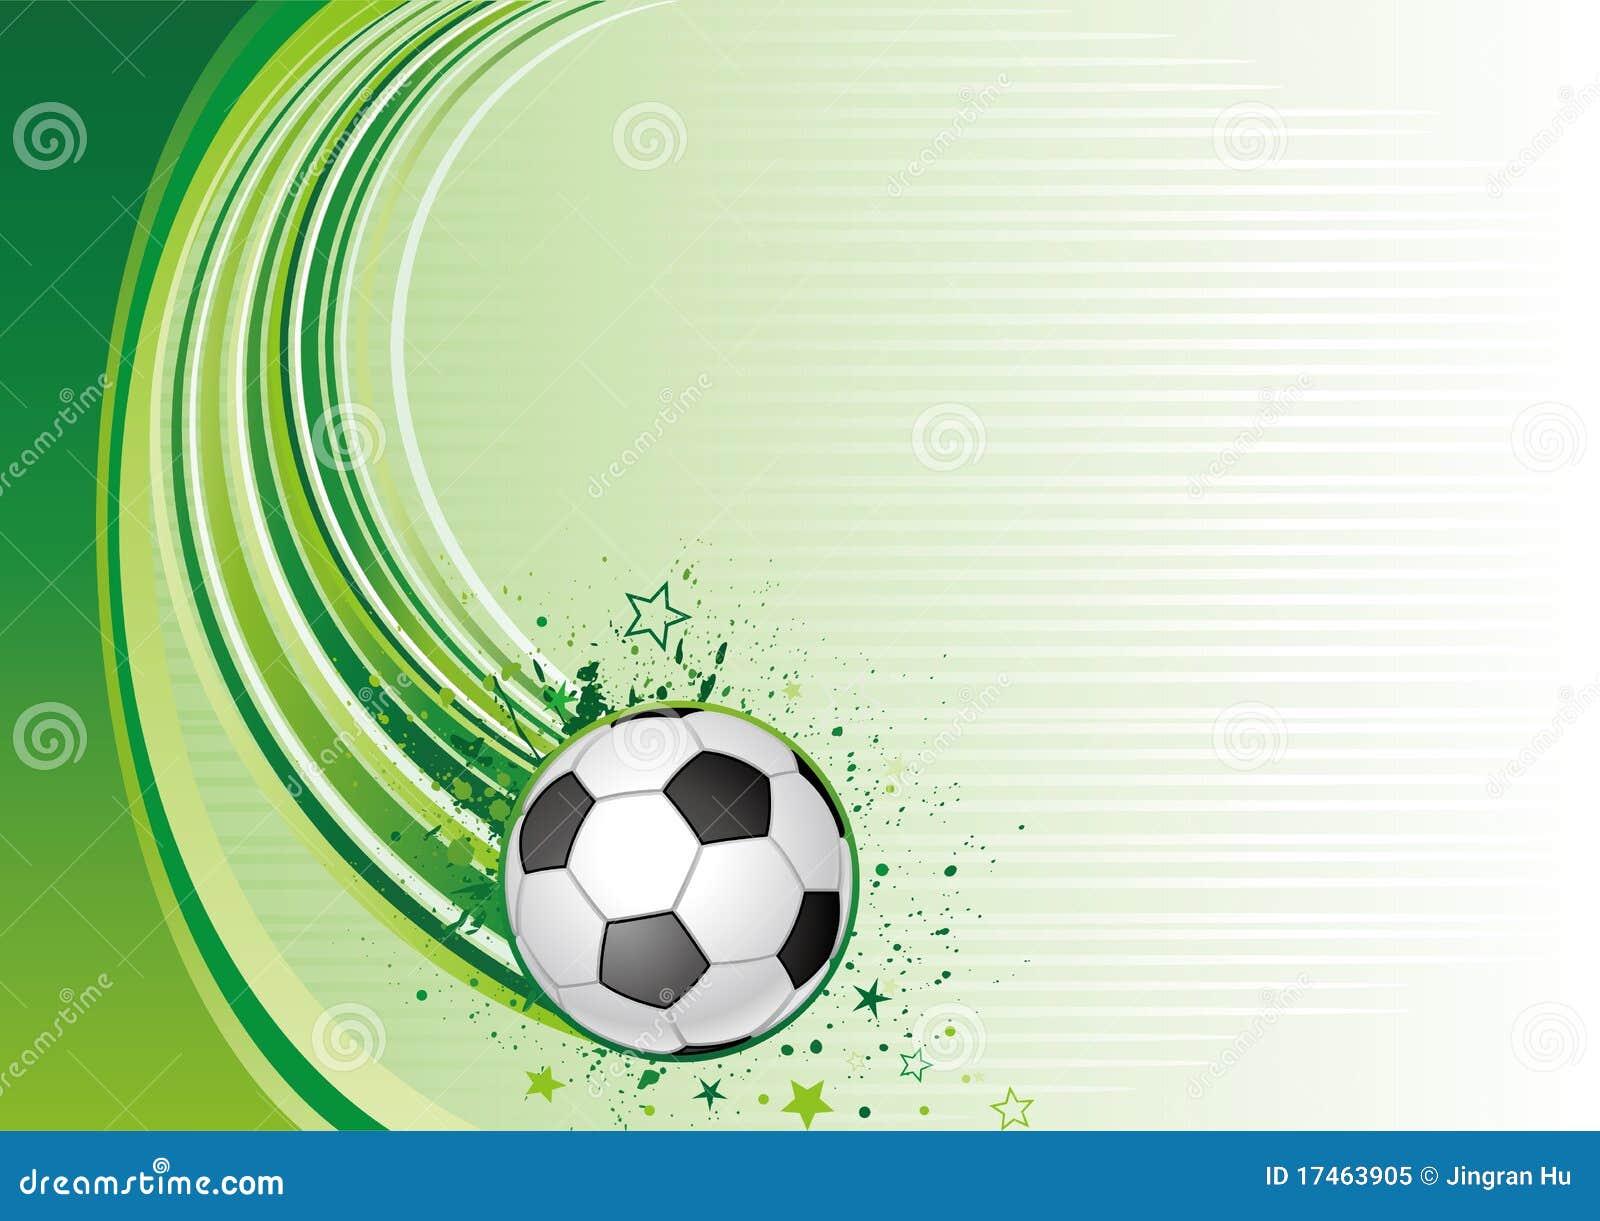 Deportes Pelotas Fondo Grunge: Fondo Del Fútbol Foto De Archivo Libre De Regalías